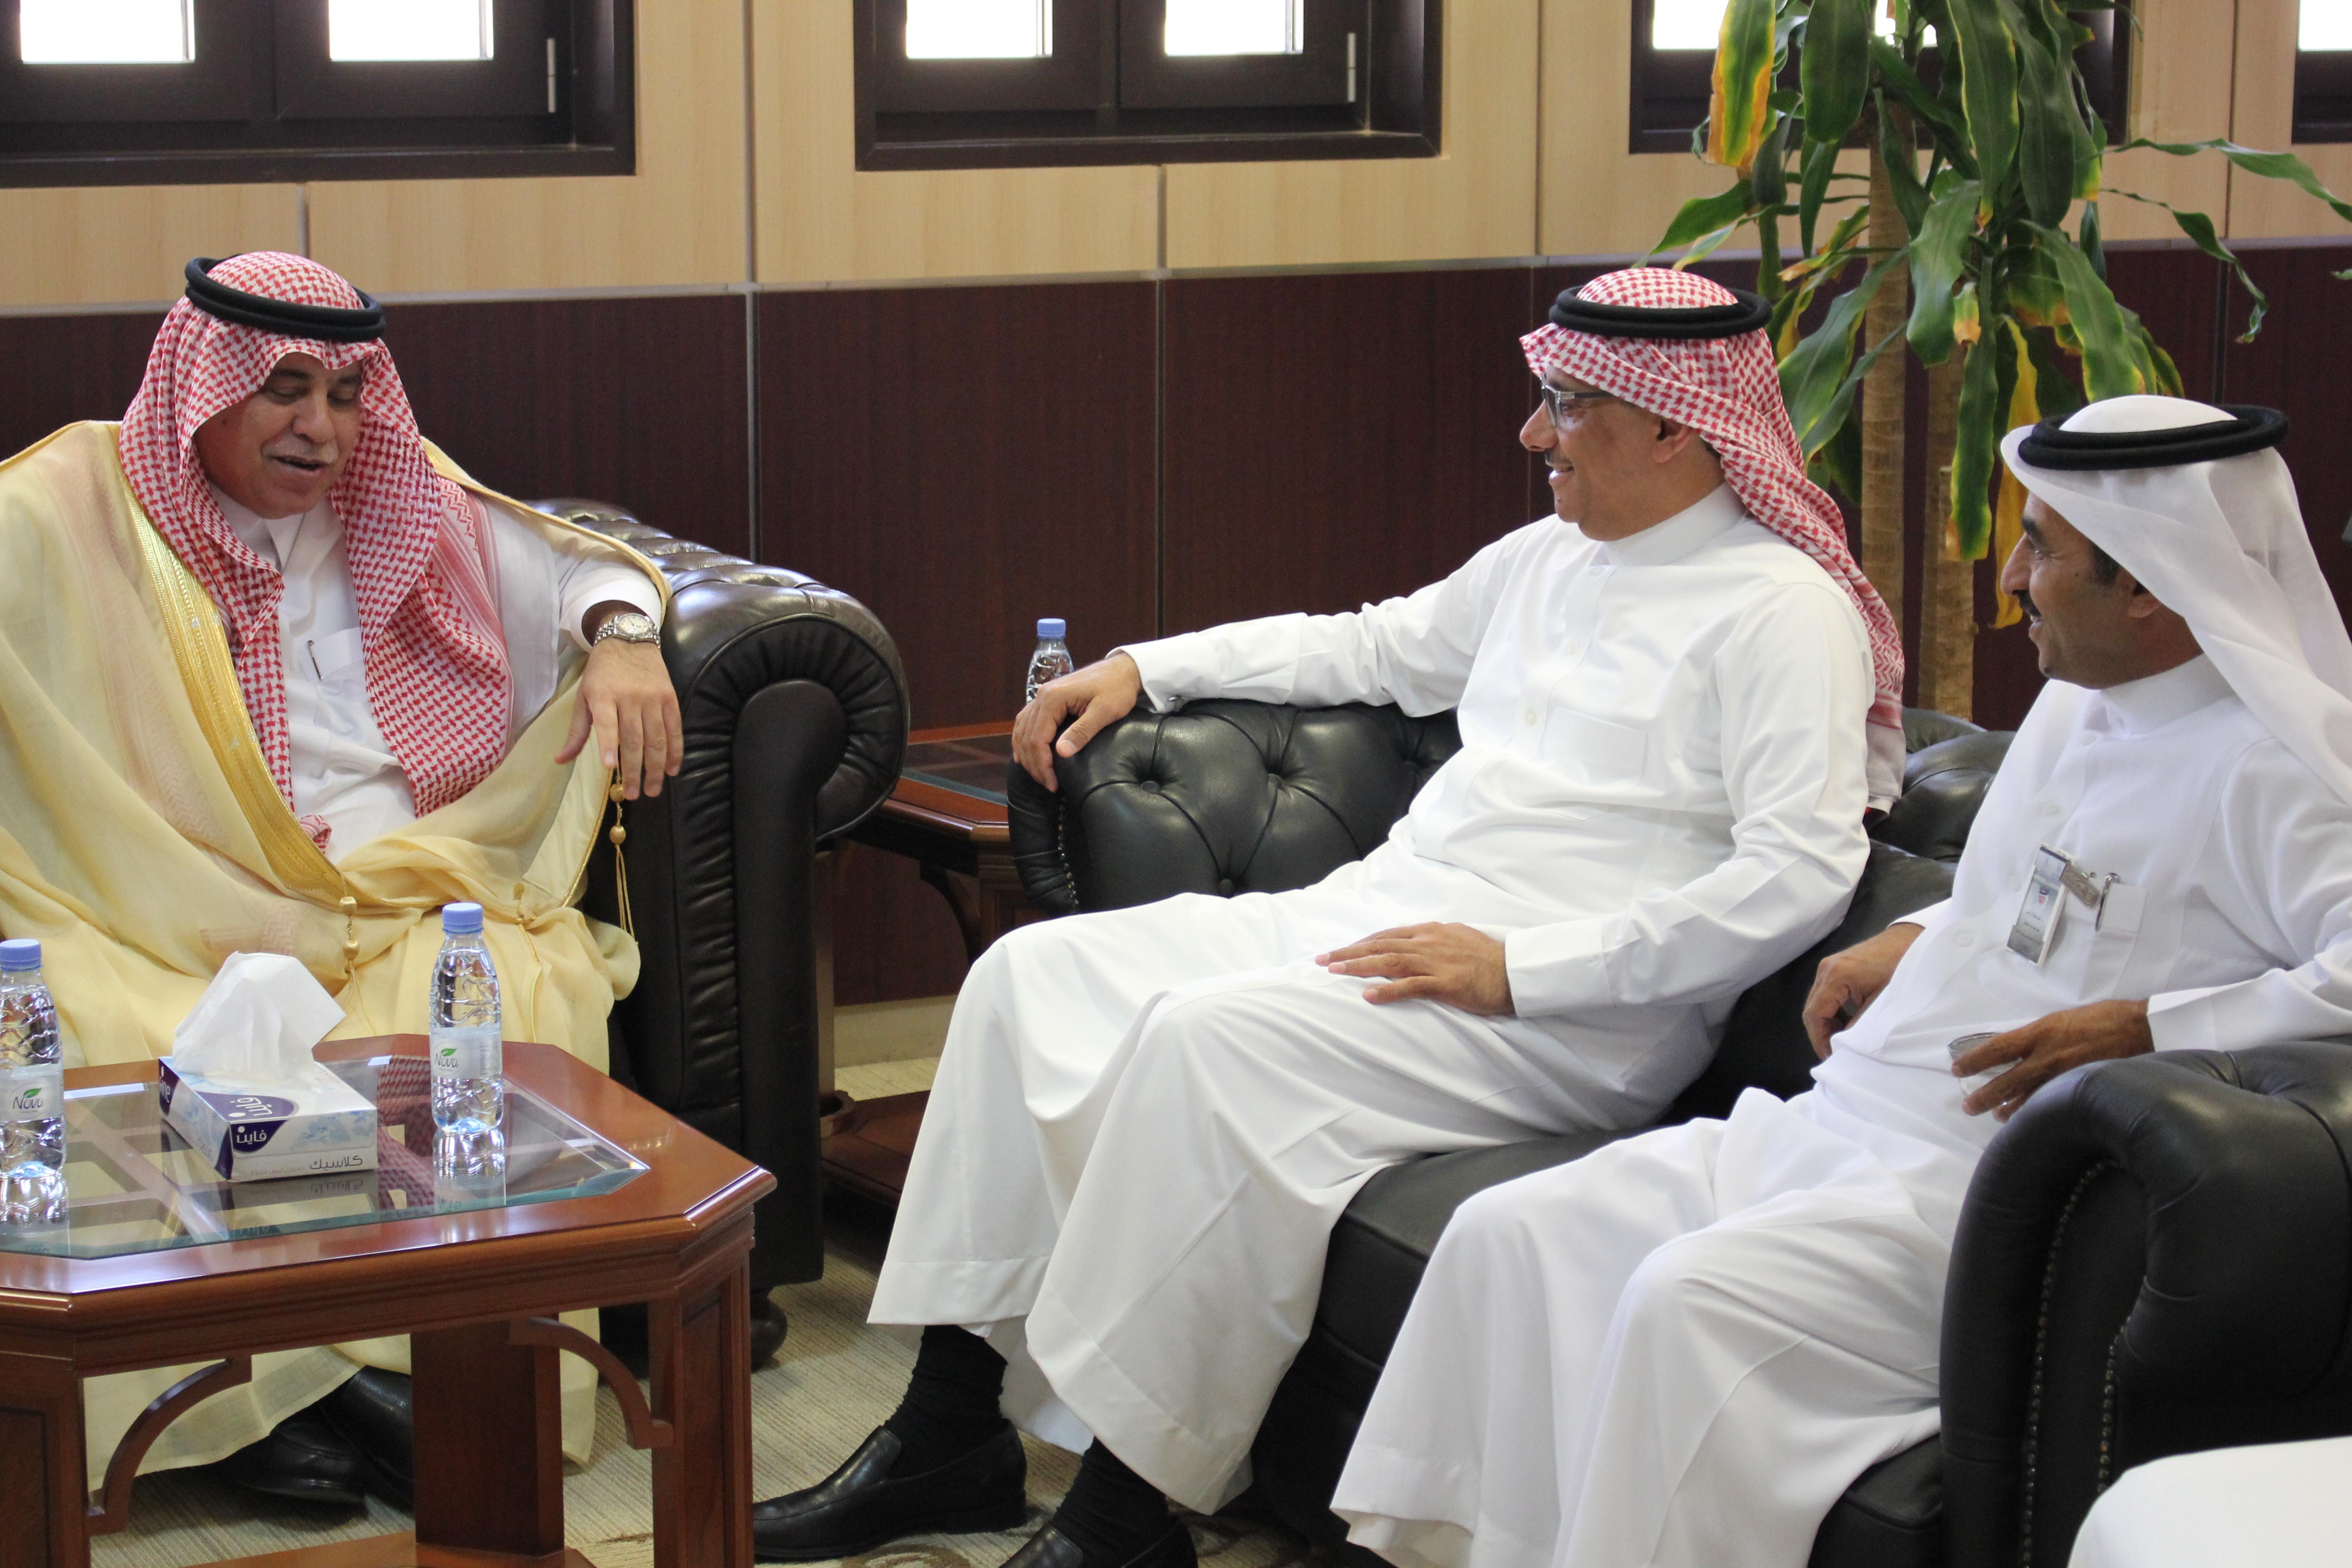 معالي وزير الشؤون الاجتماعية  الدكتور/ ماجد بن عبد الله القصبي يلقي محاضرة في مركز تنمية القيادات التنفيذية والإدارية بكلية إدارة الأعمال